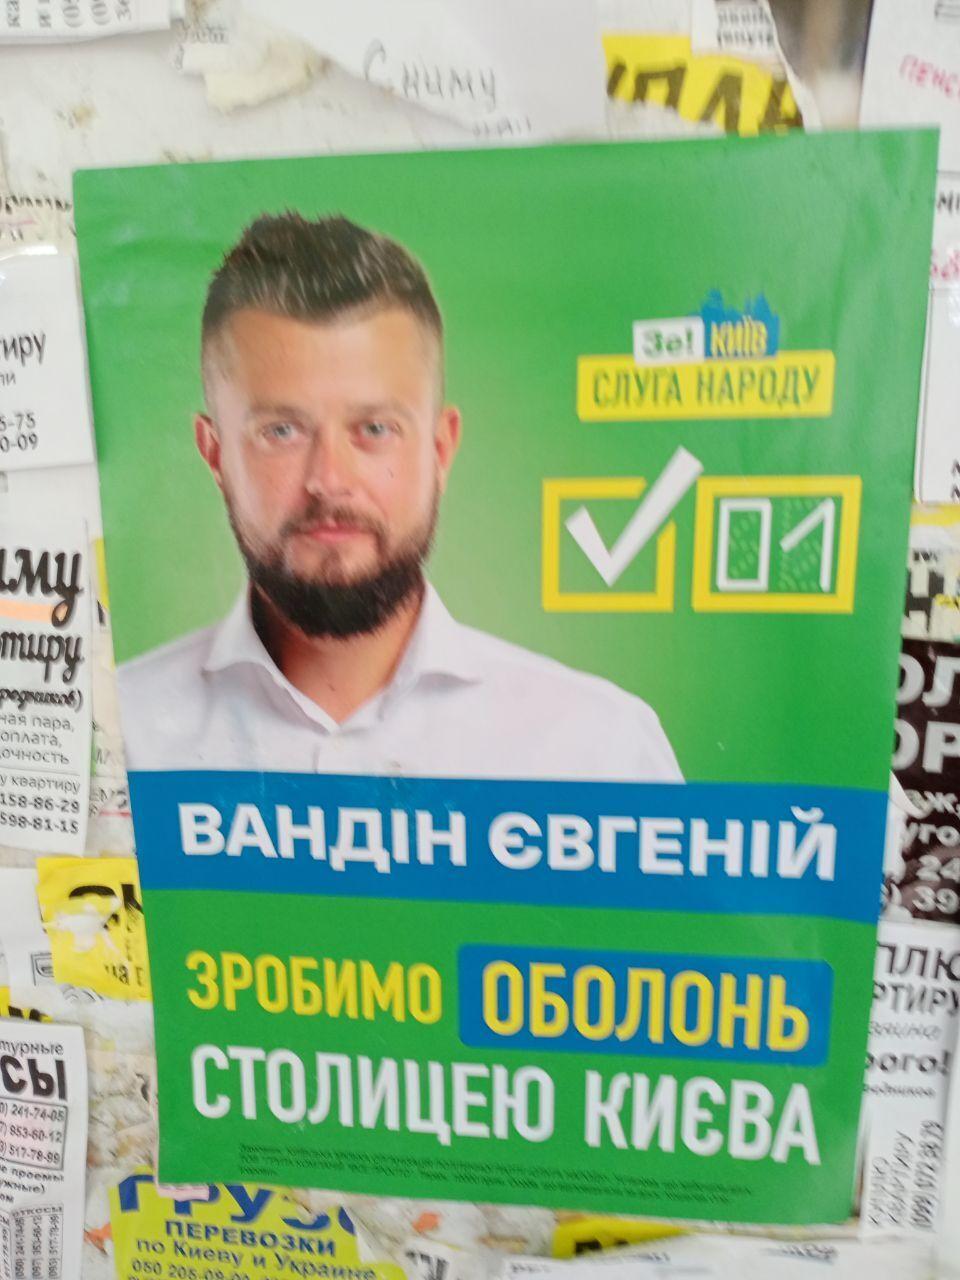 Плакат Евгения Вандина